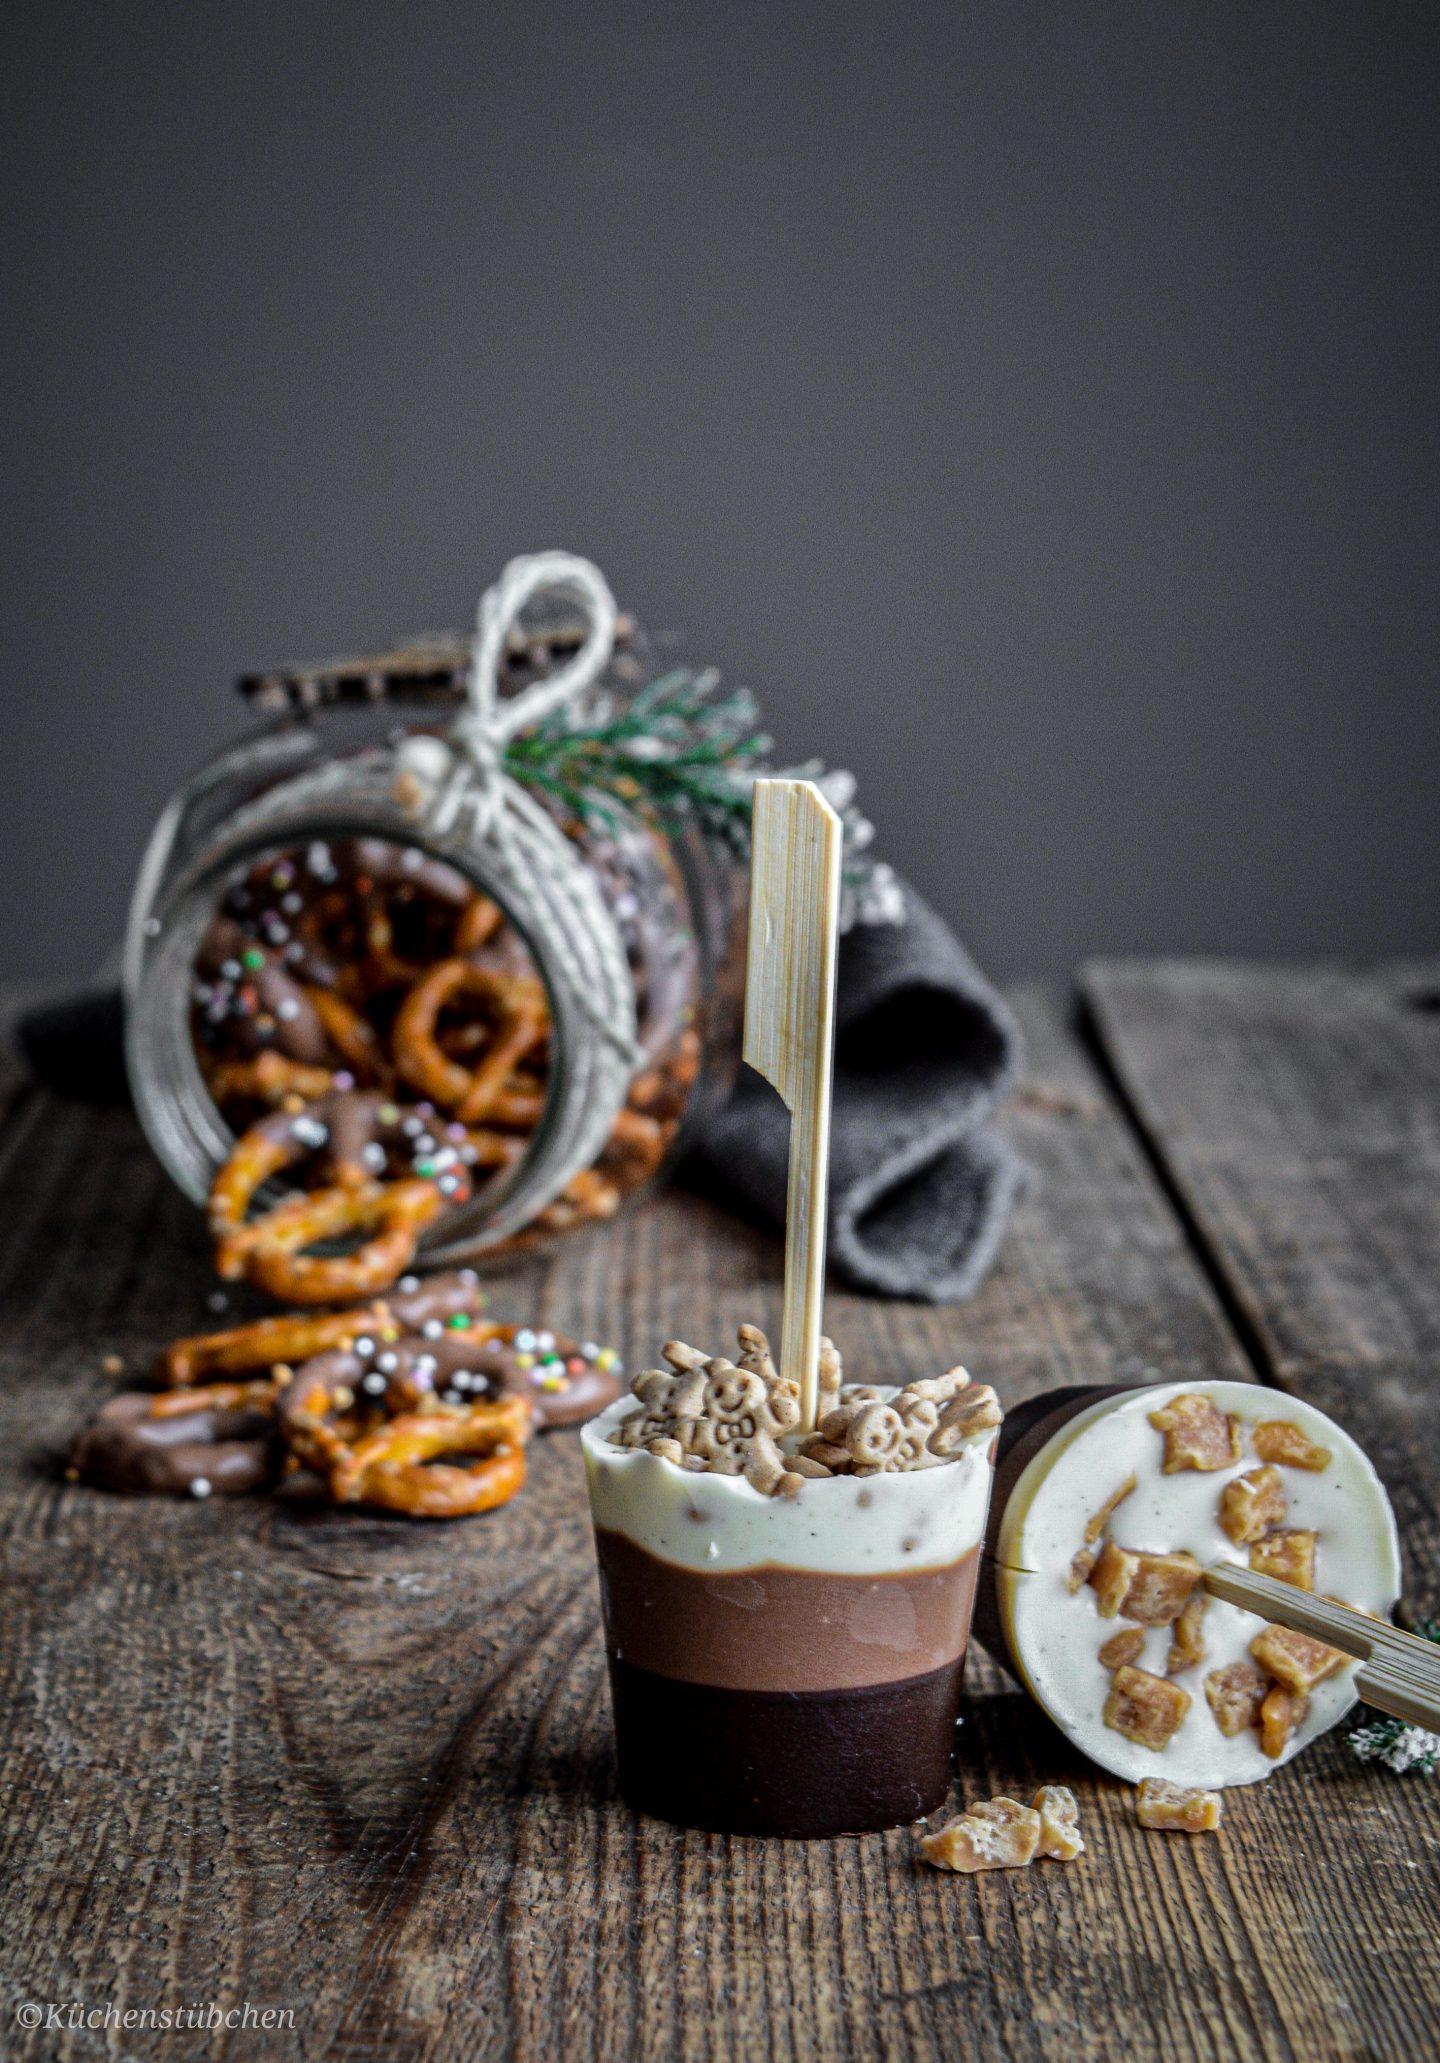 Feine Mitbringsel zur Weihnachtszeit - Geschenke aus der Küche